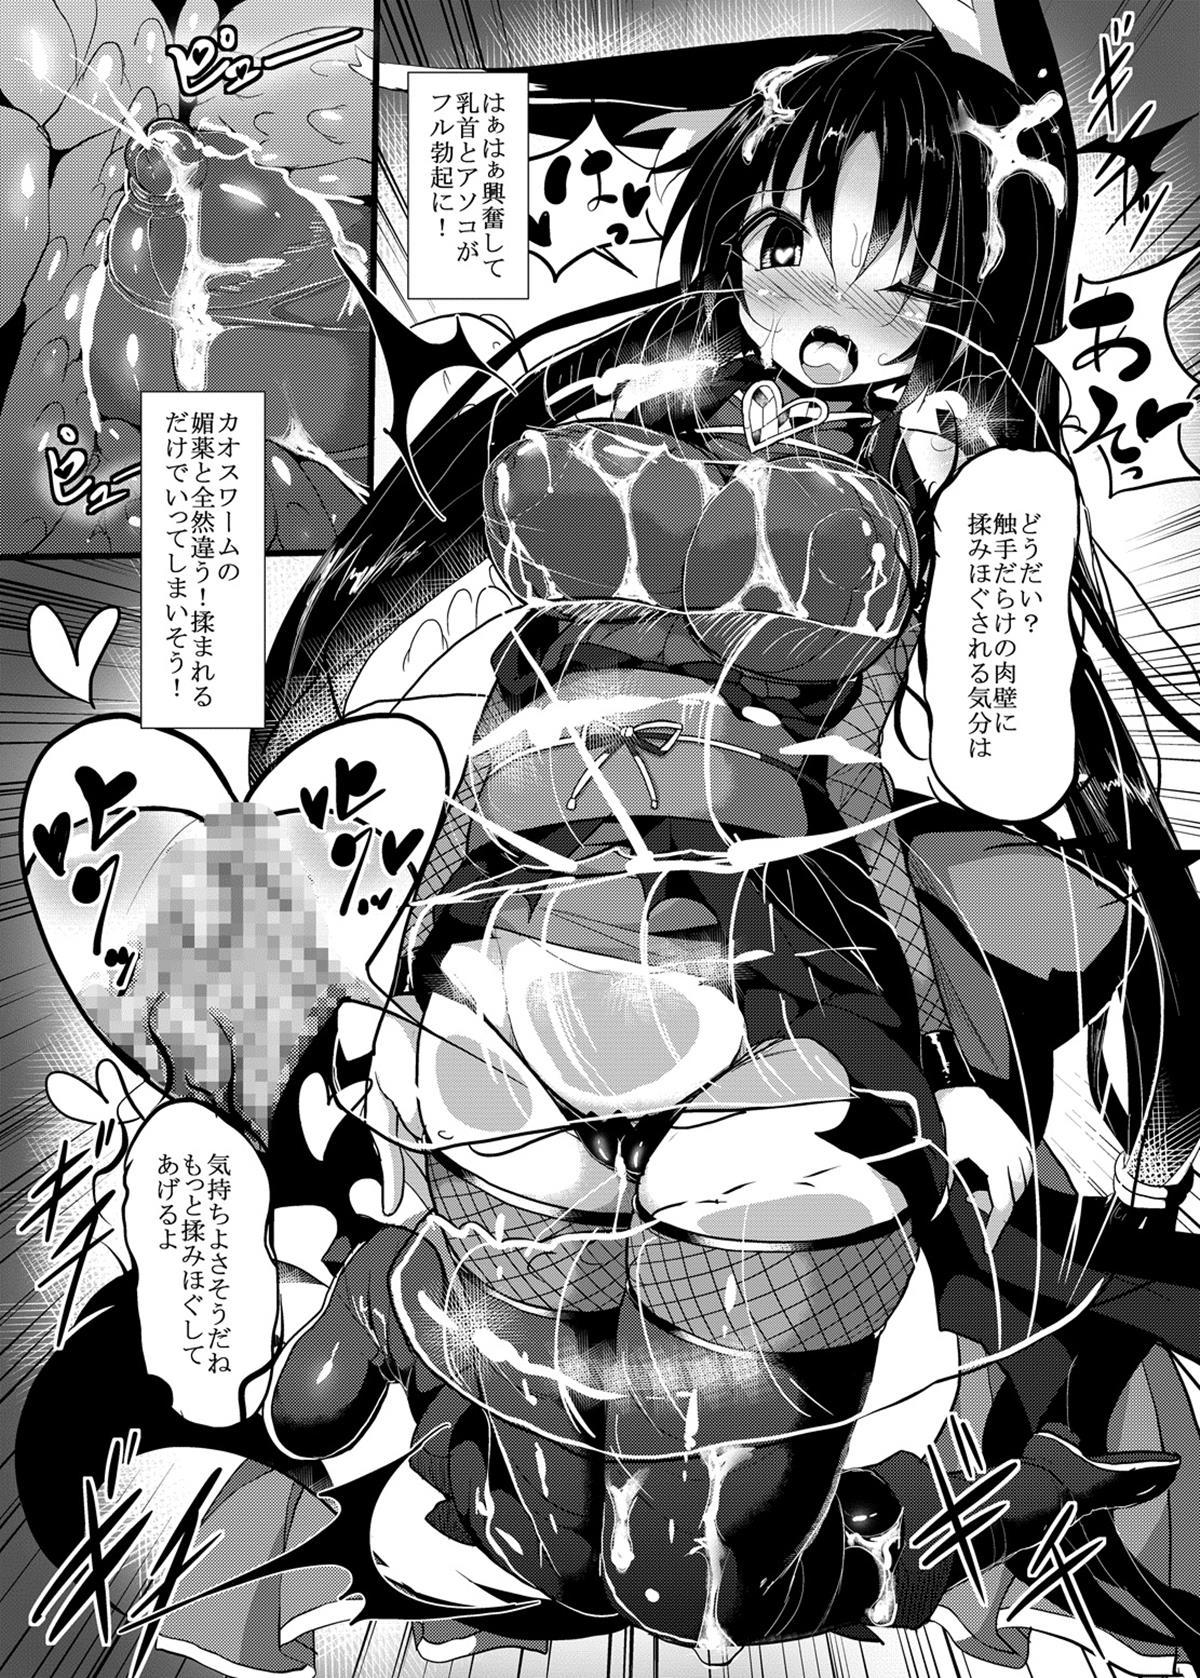 【エロ漫画・エロ同人誌】触手に媚薬まみれにされて堕ちて行く巨乳娘www (28)